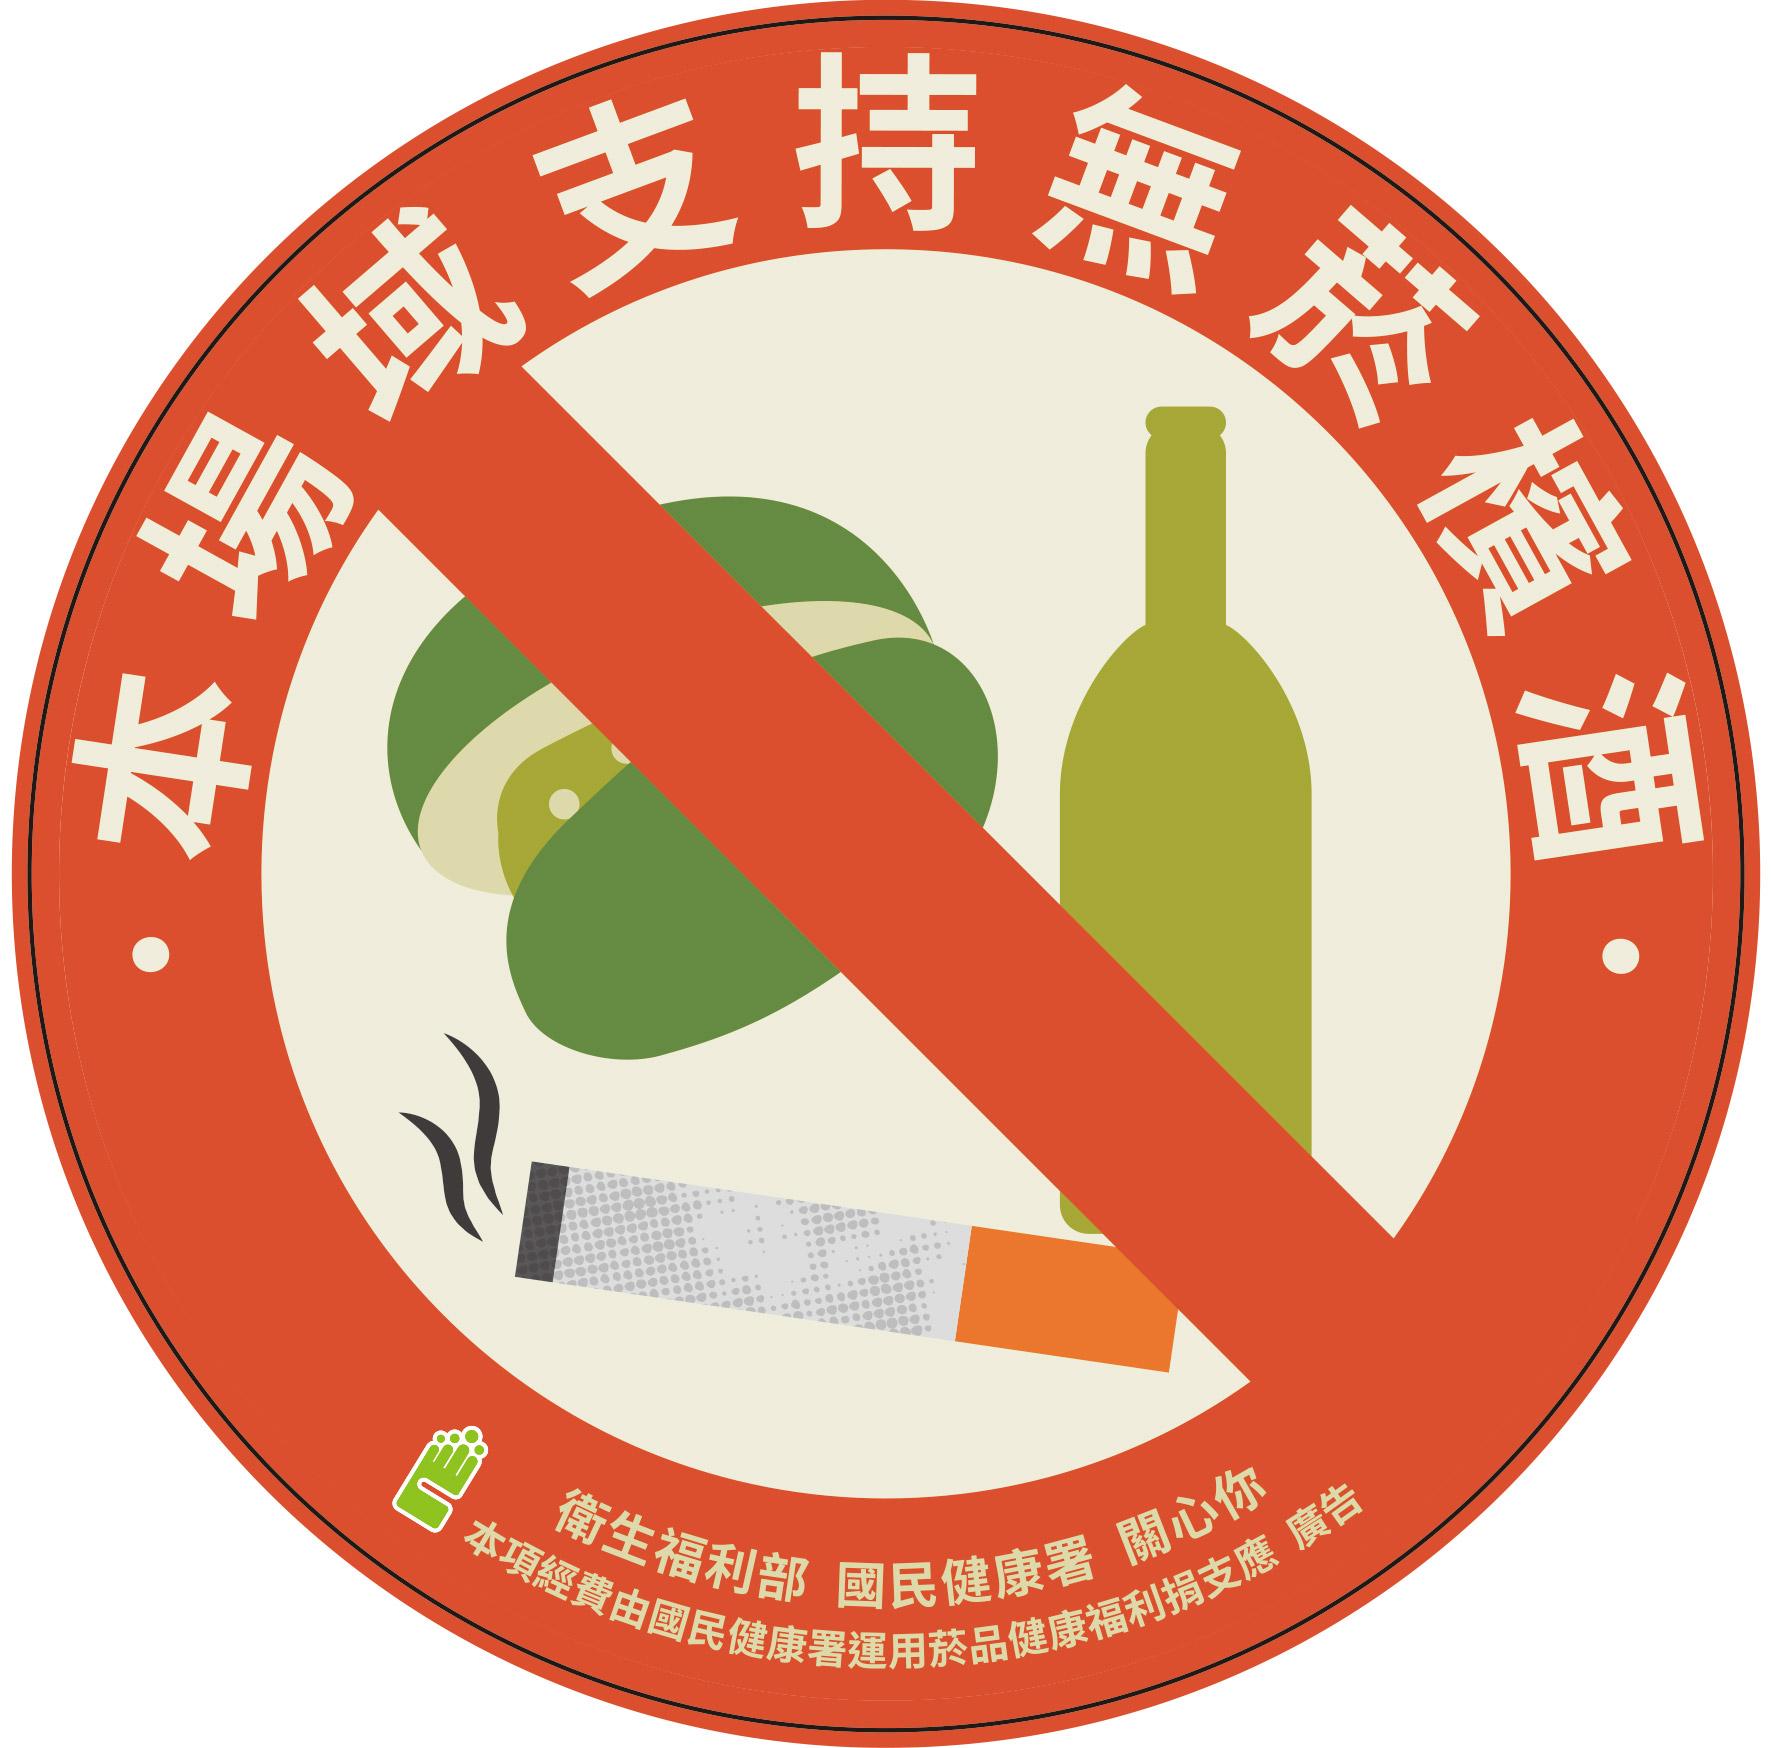 本場域支持無菸檳酒-貼紙